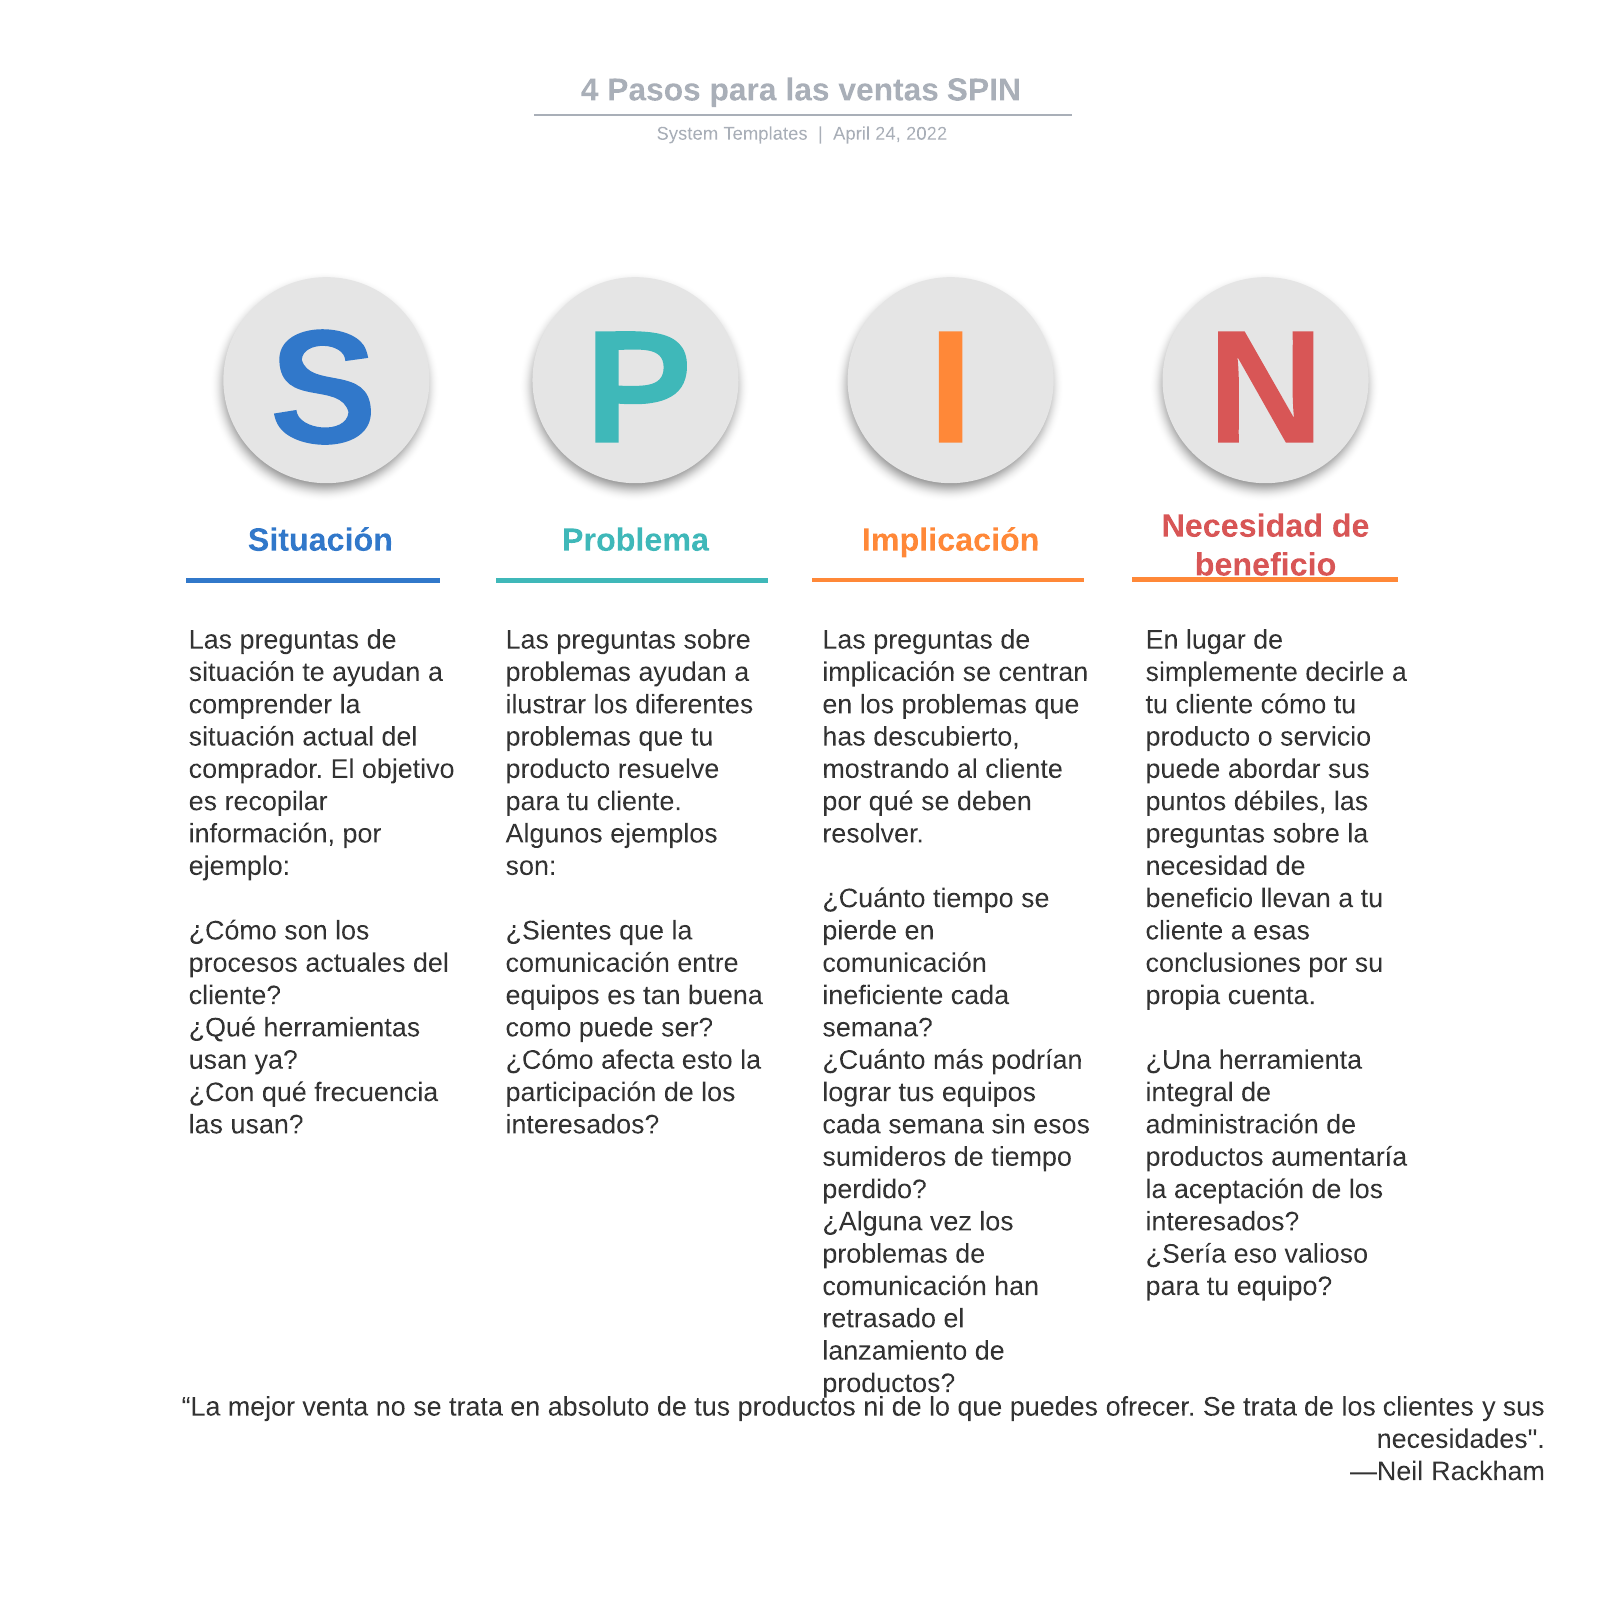 4 Pasos para las ventas SPIN